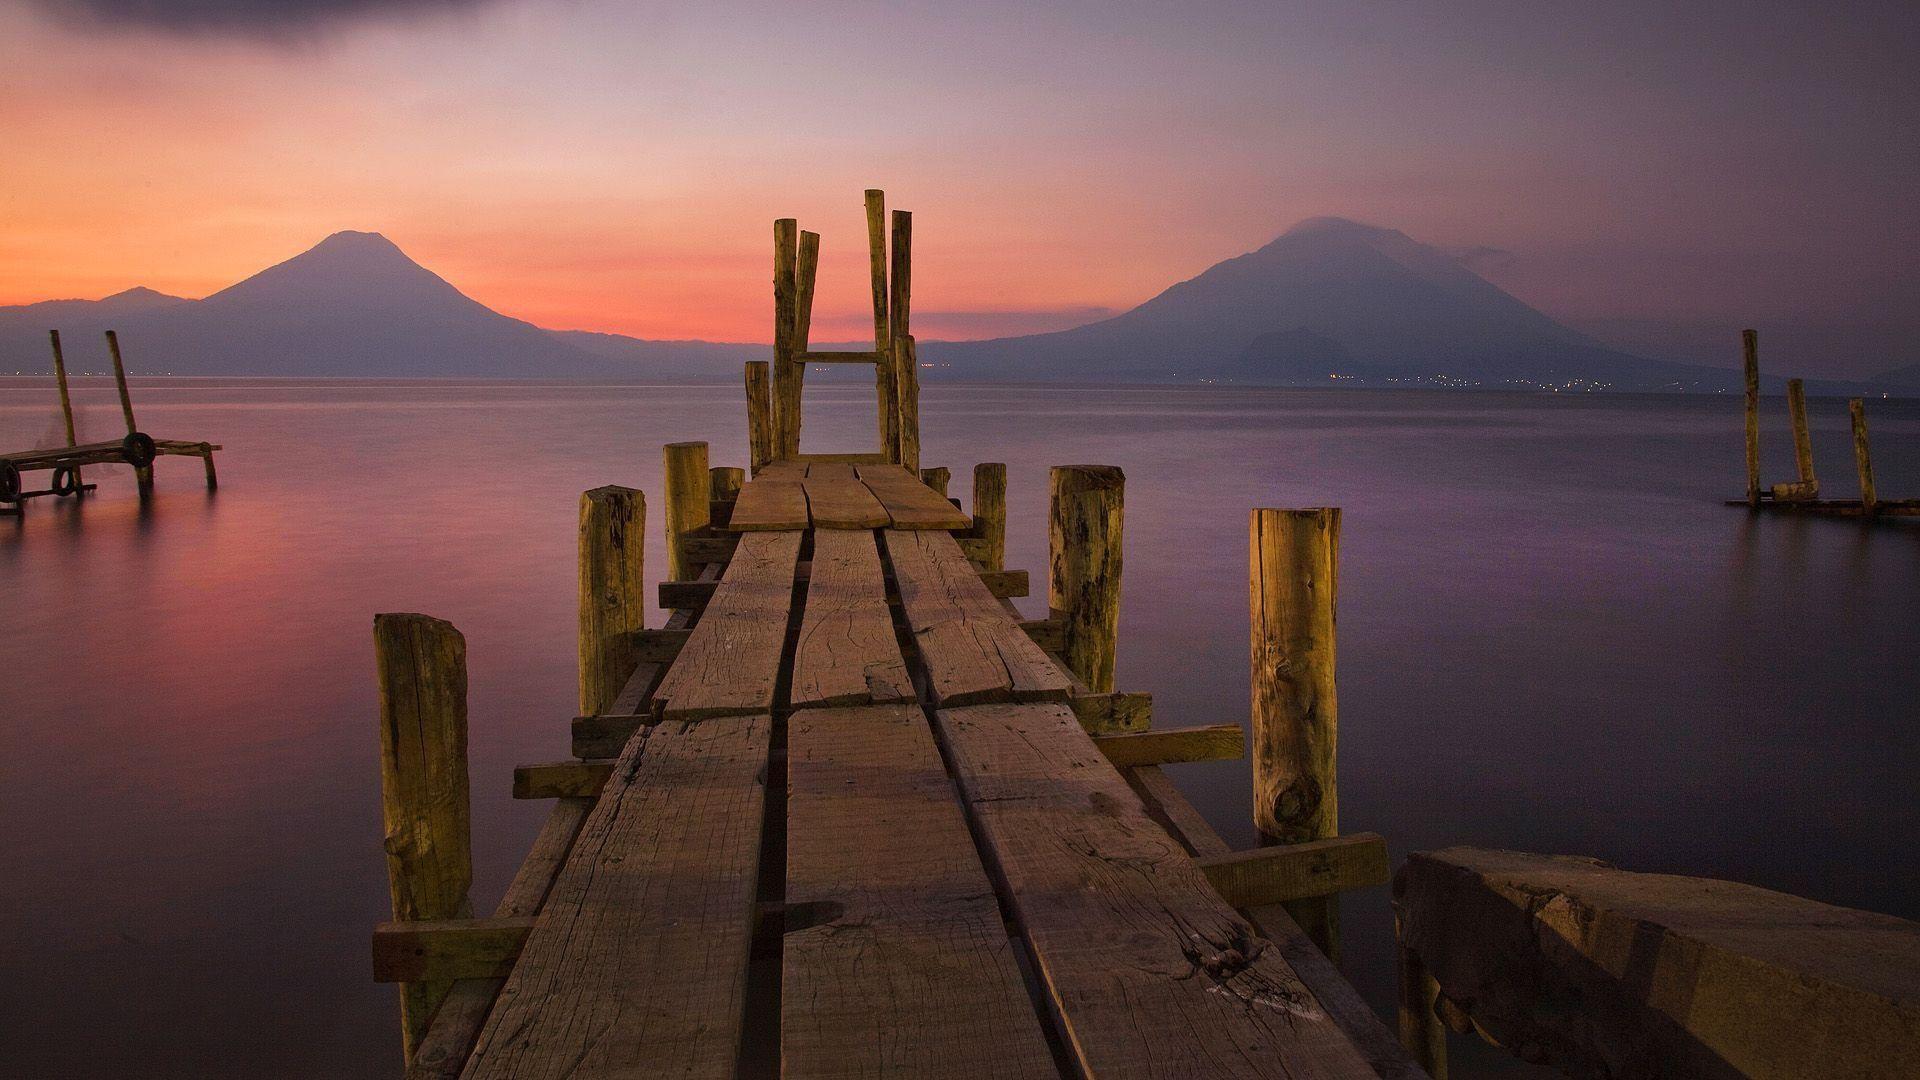 Guatemala tiene lindos lugares vamos iniciando el proyecto explore lake atitlan hd wallpaper and more guatemala tiene lindos lugares thecheapjerseys Gallery